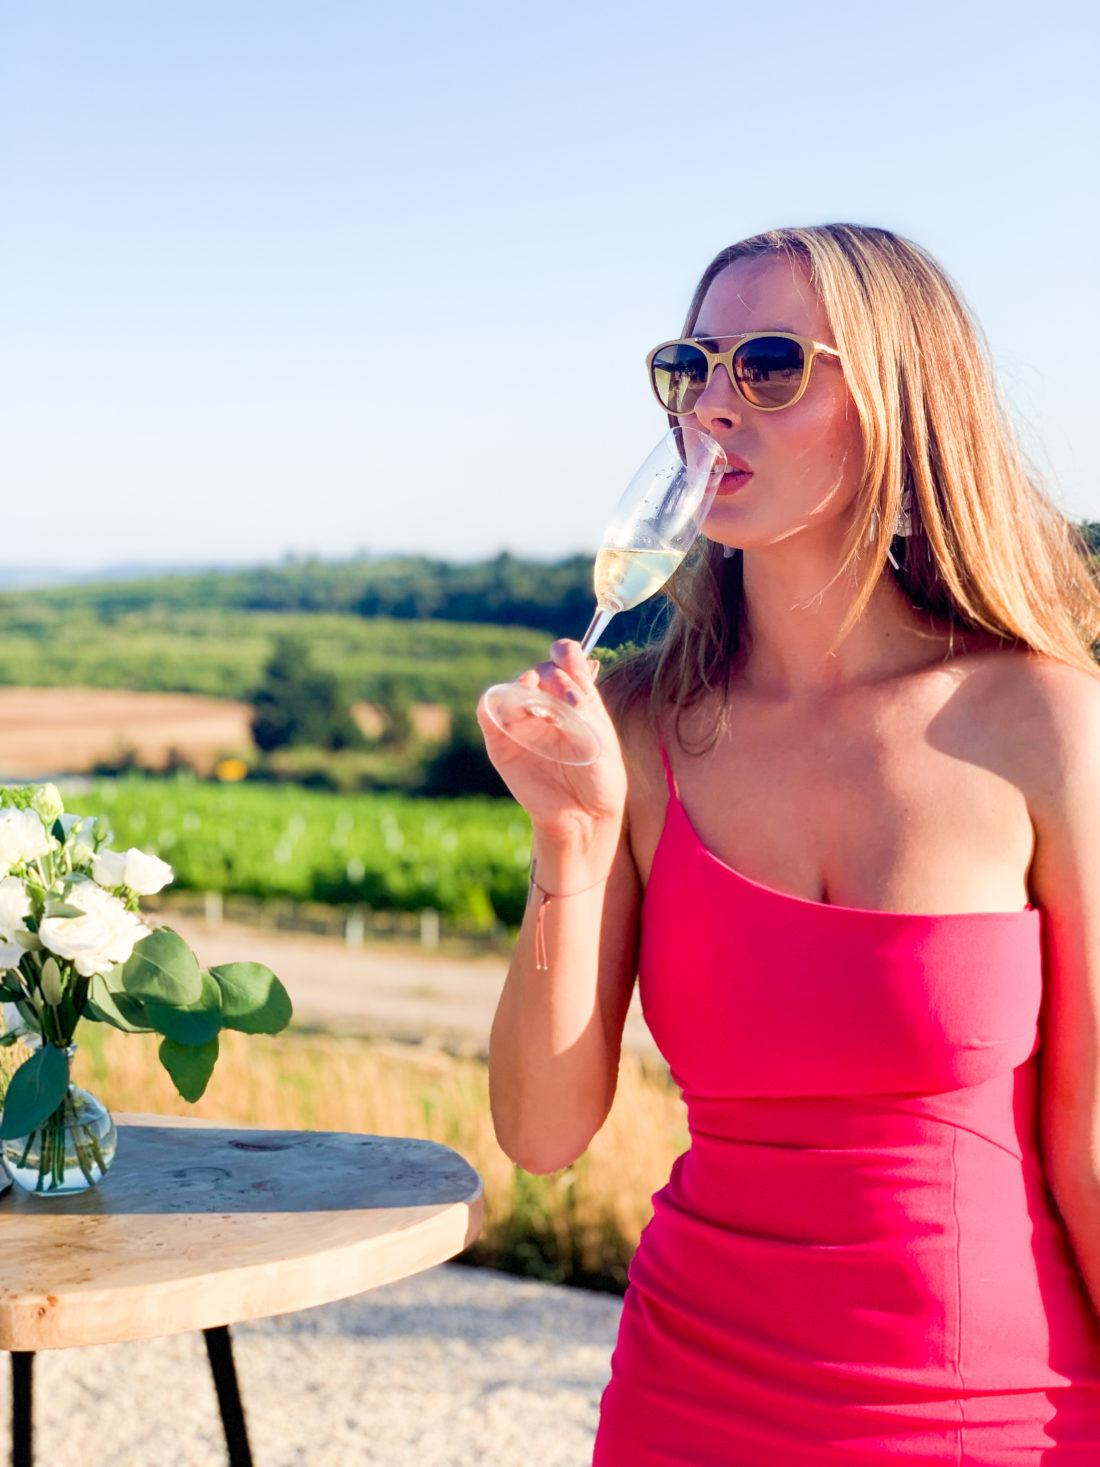 Eva Amurri Martino sips champagne in a hot pink dress in Croatia